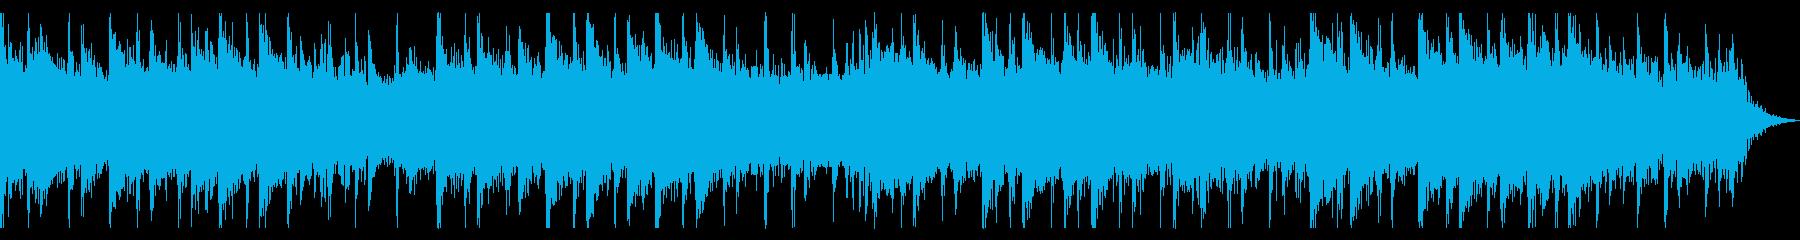 Holiday Beach30秒版の再生済みの波形